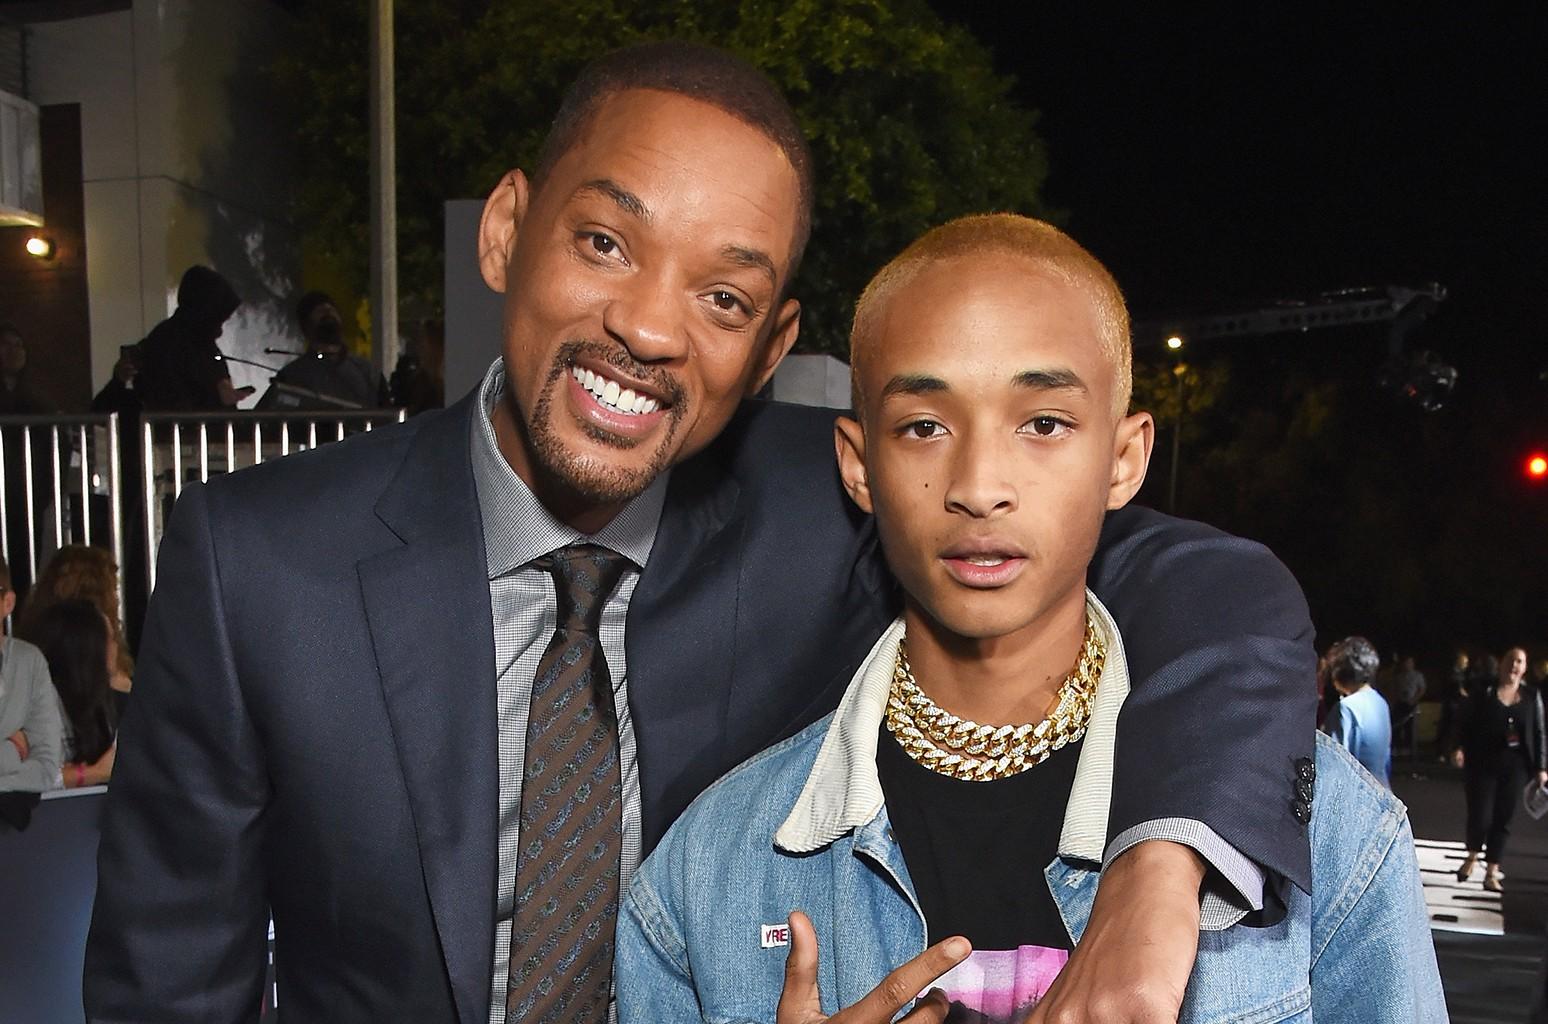 Dàn quý tử nổi tiếng nhà sao Hollywood: Cậu cả Beckham bị dàn trai đẹp cực phẩm đè bẹp, con nhà Will Smith gây choáng - Ảnh 29.